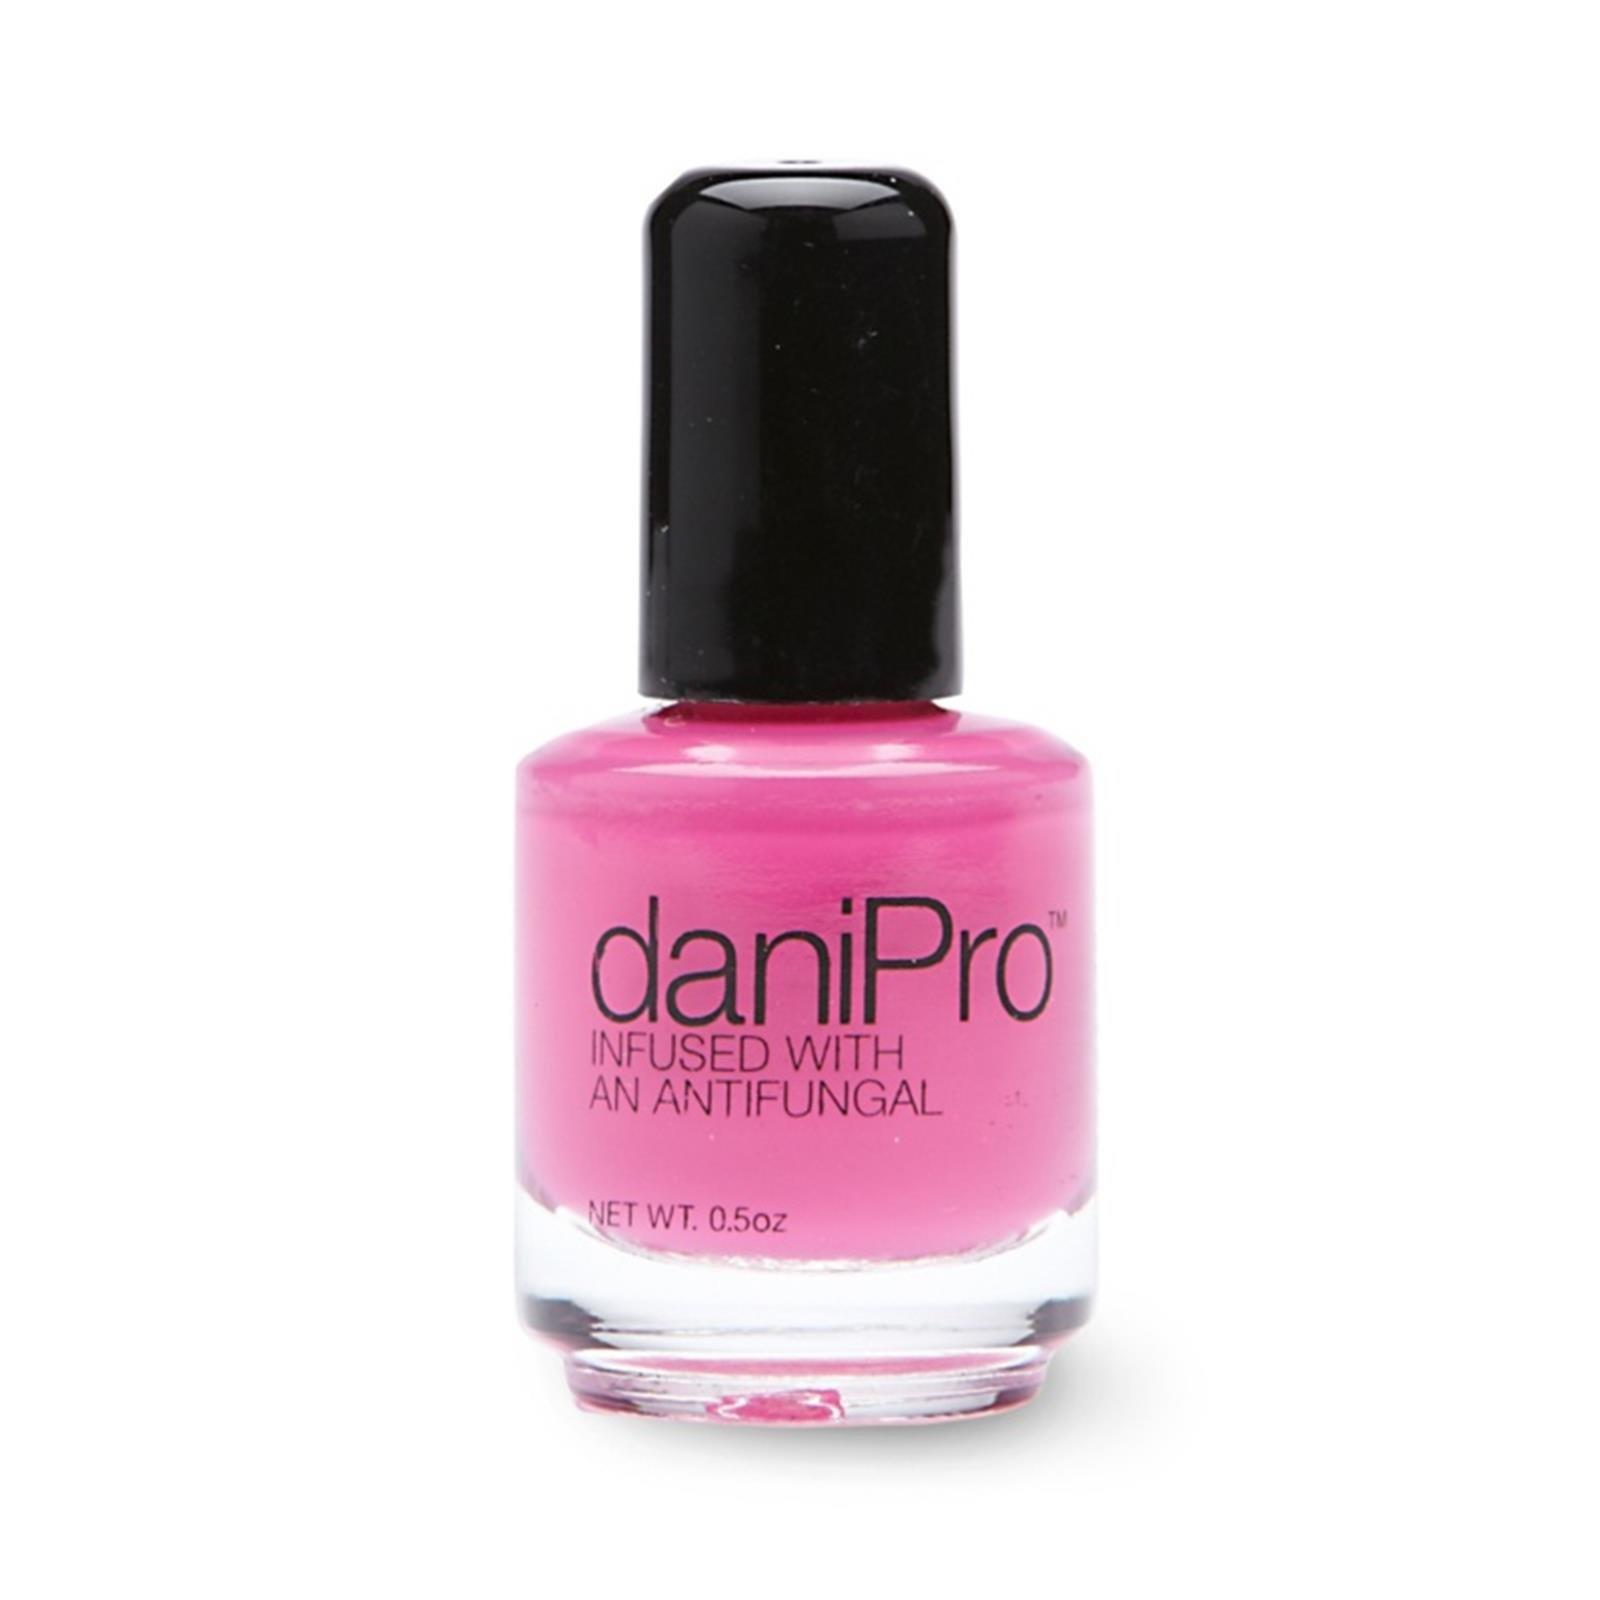 Amazon.com : G17 Part# G17 - Nail Polish DaniPro Anti-Fungal Clear ...